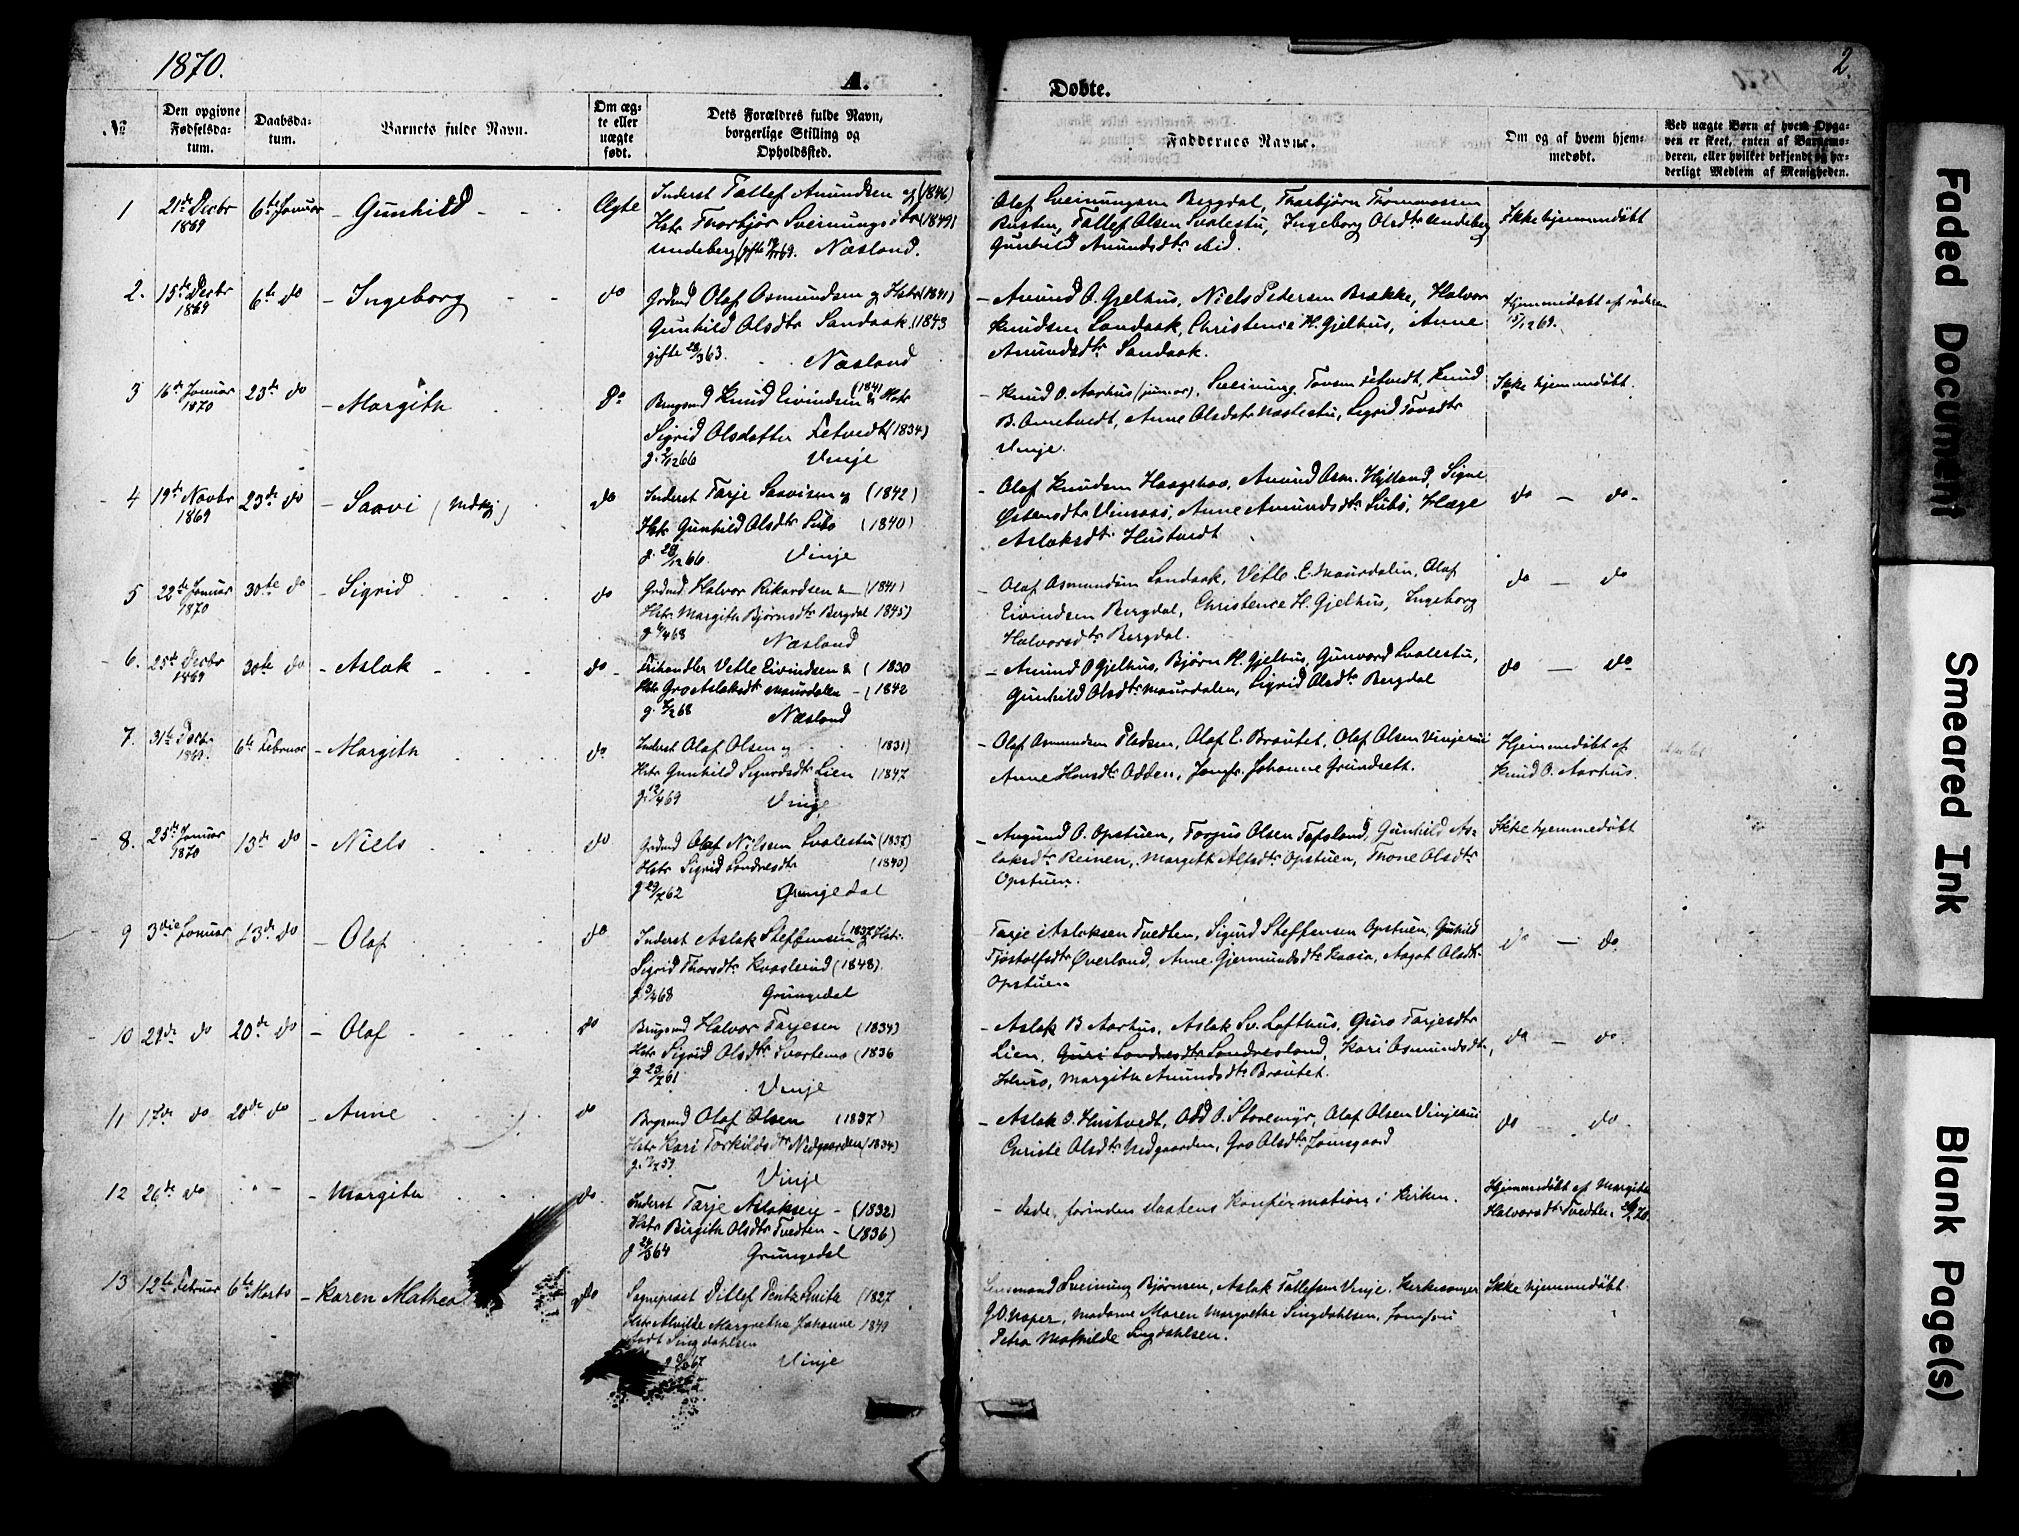 SAKO, Vinje kirkebøker, F/Fa/L0005: Ministerialbok nr. I 5, 1870-1886, s. 2